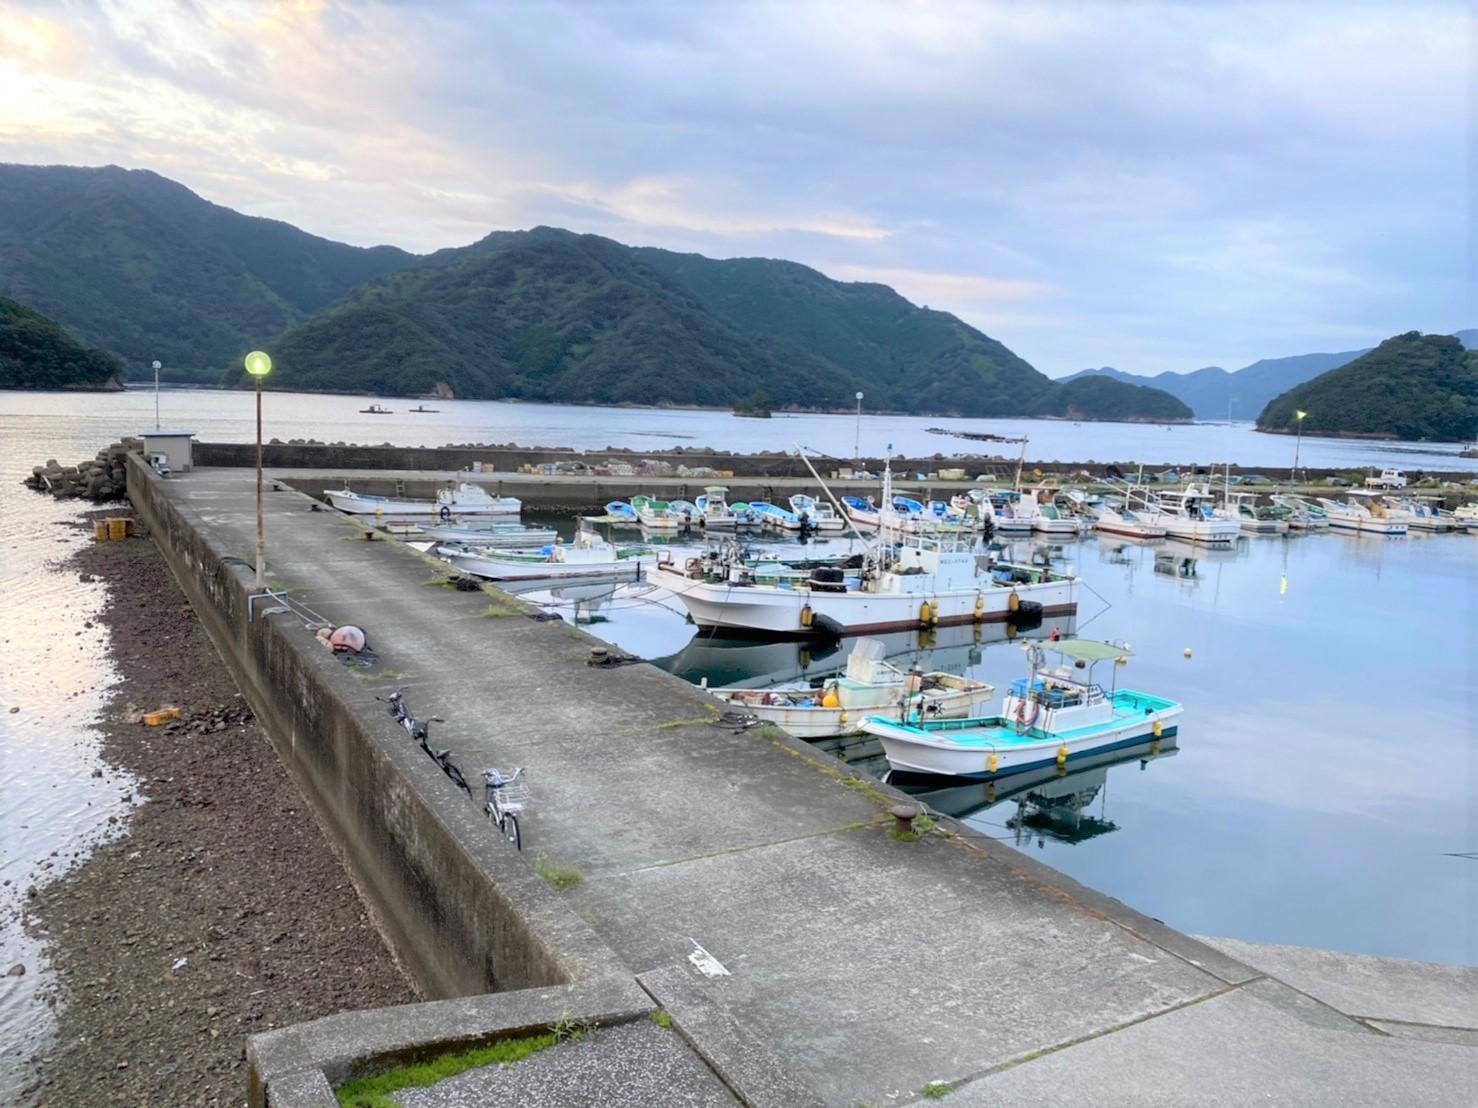 【三重県南伊勢町】『古和浦港(こわうらこう)』の海釣りガイド(釣れる魚・駐車場・トイレ)